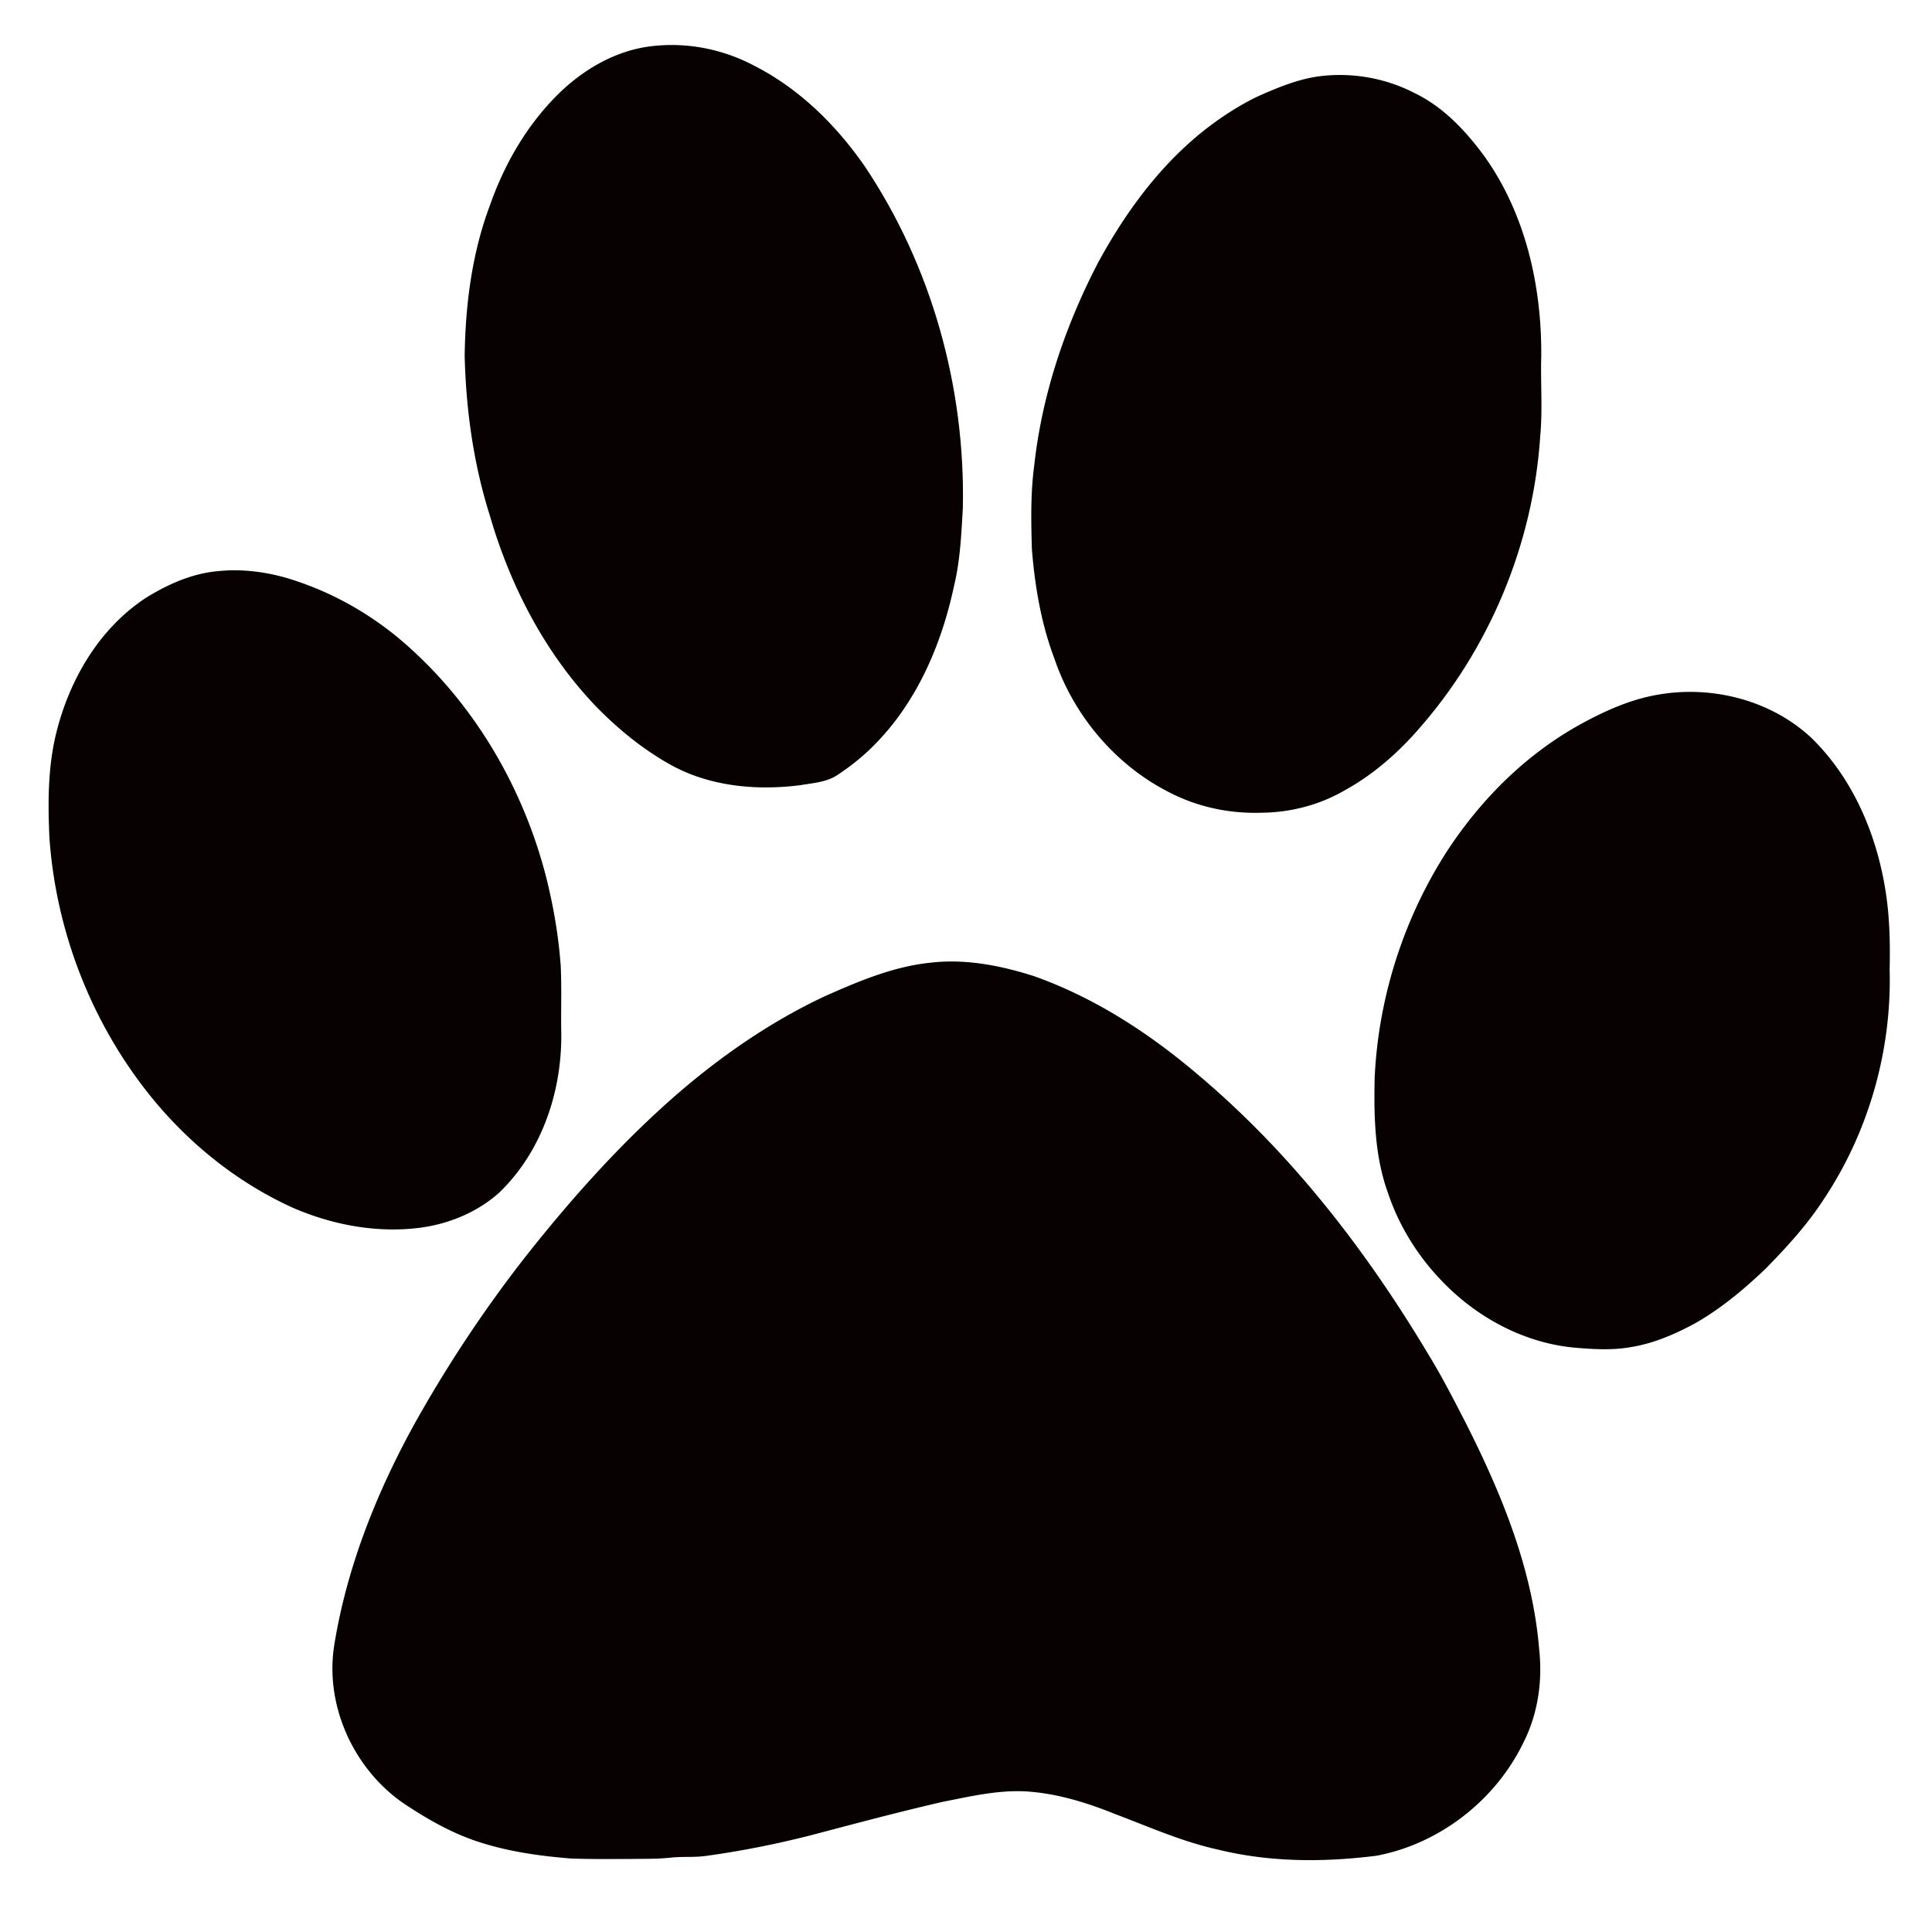 2500x2500 Bobcat Clipart Lion Paw 2545756